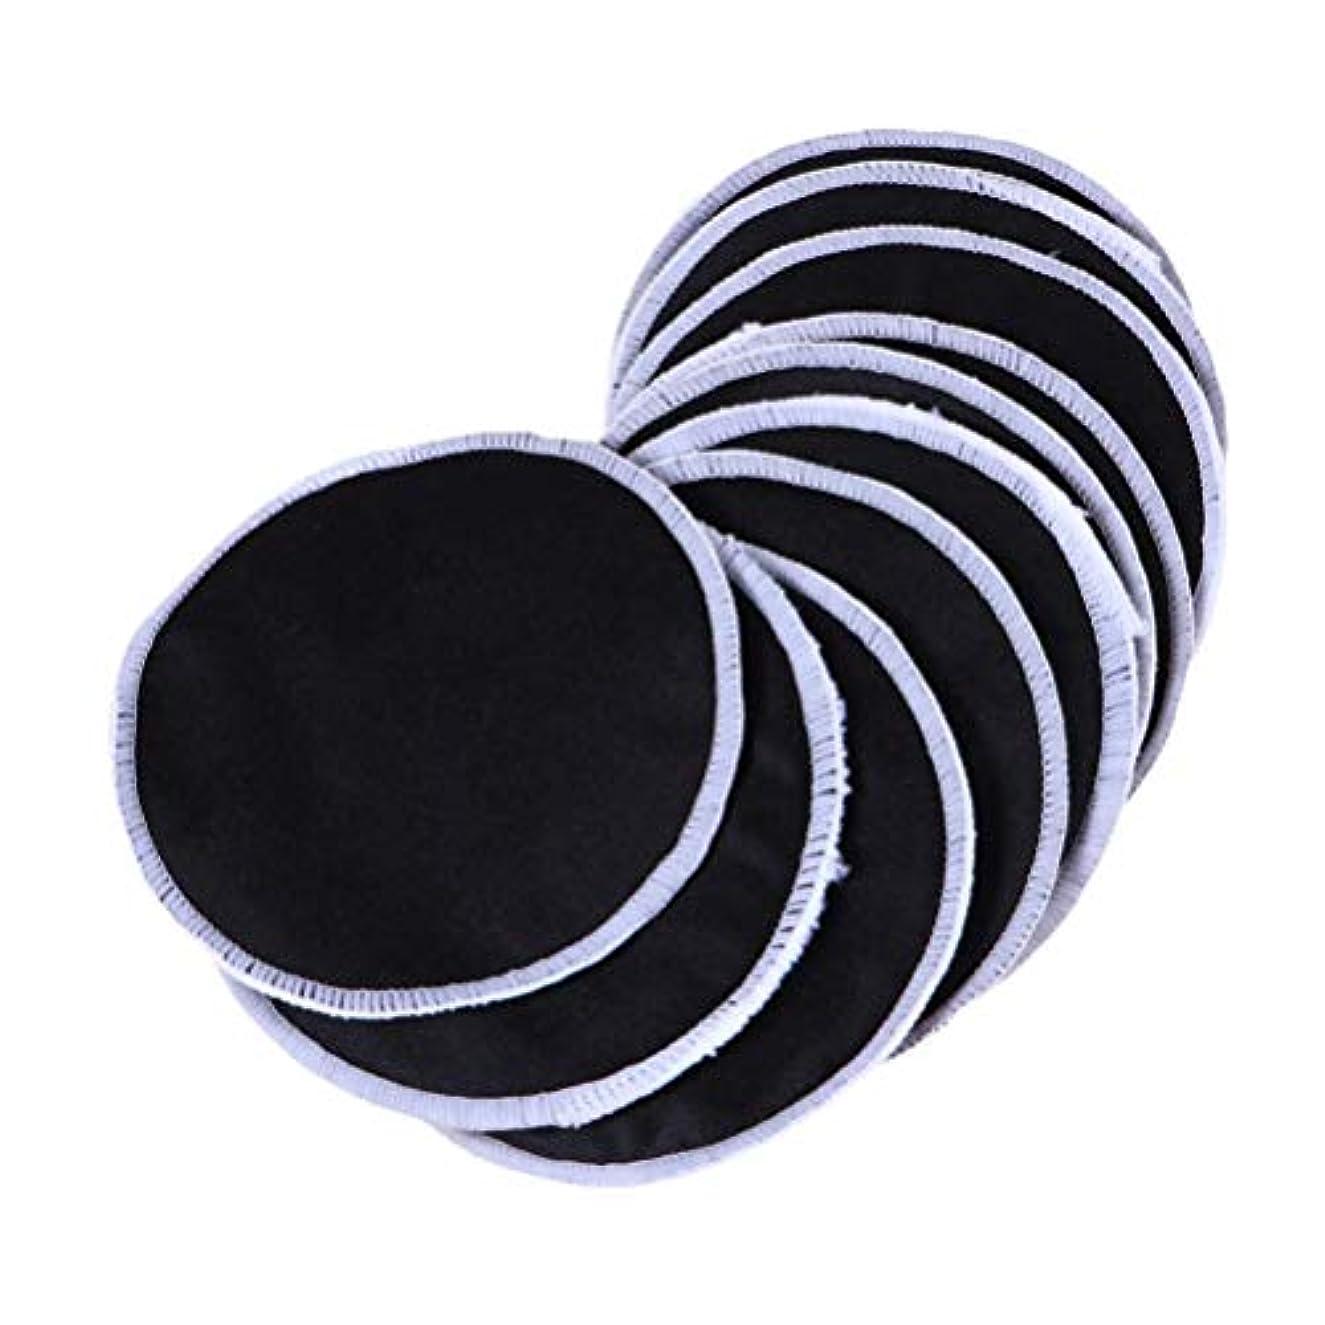 香港耐える配管Frcolor 14pcs竹化粧リムーバーパッド3層再利用可能な綿ラウンドパッドクレンジングワイプウォッシャブルクリーンスキンケア(黒)